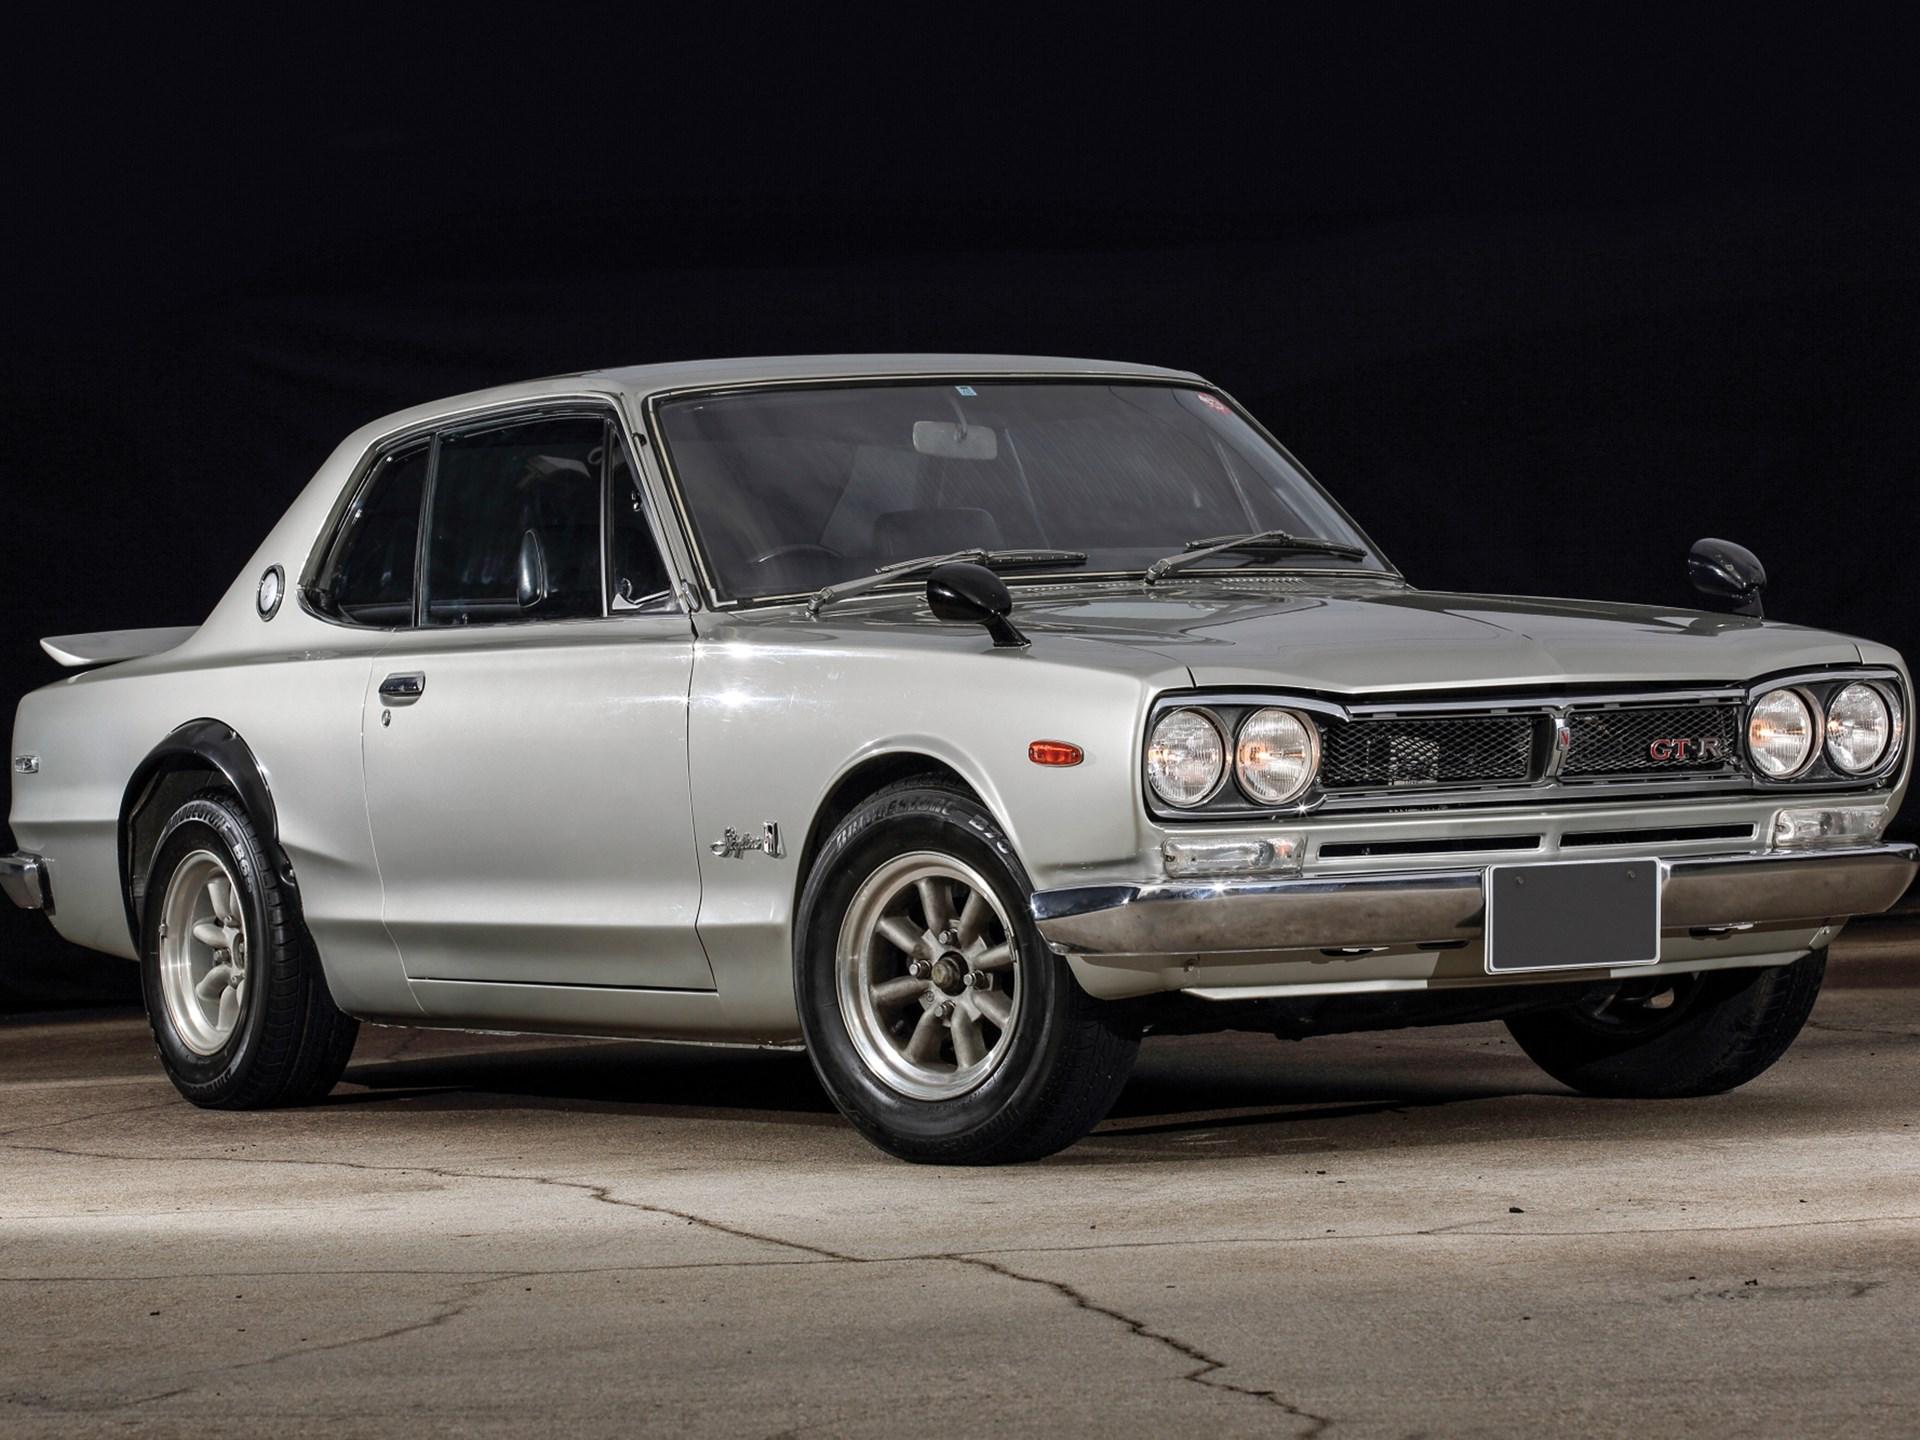 rm sotheby s 1972 nissan skyline h t 2000gt r hakosuka rh rmsothebys com 1970 nissan skyline 2000 gtr for sale Tuned Nissan Skyline 2000 GTR